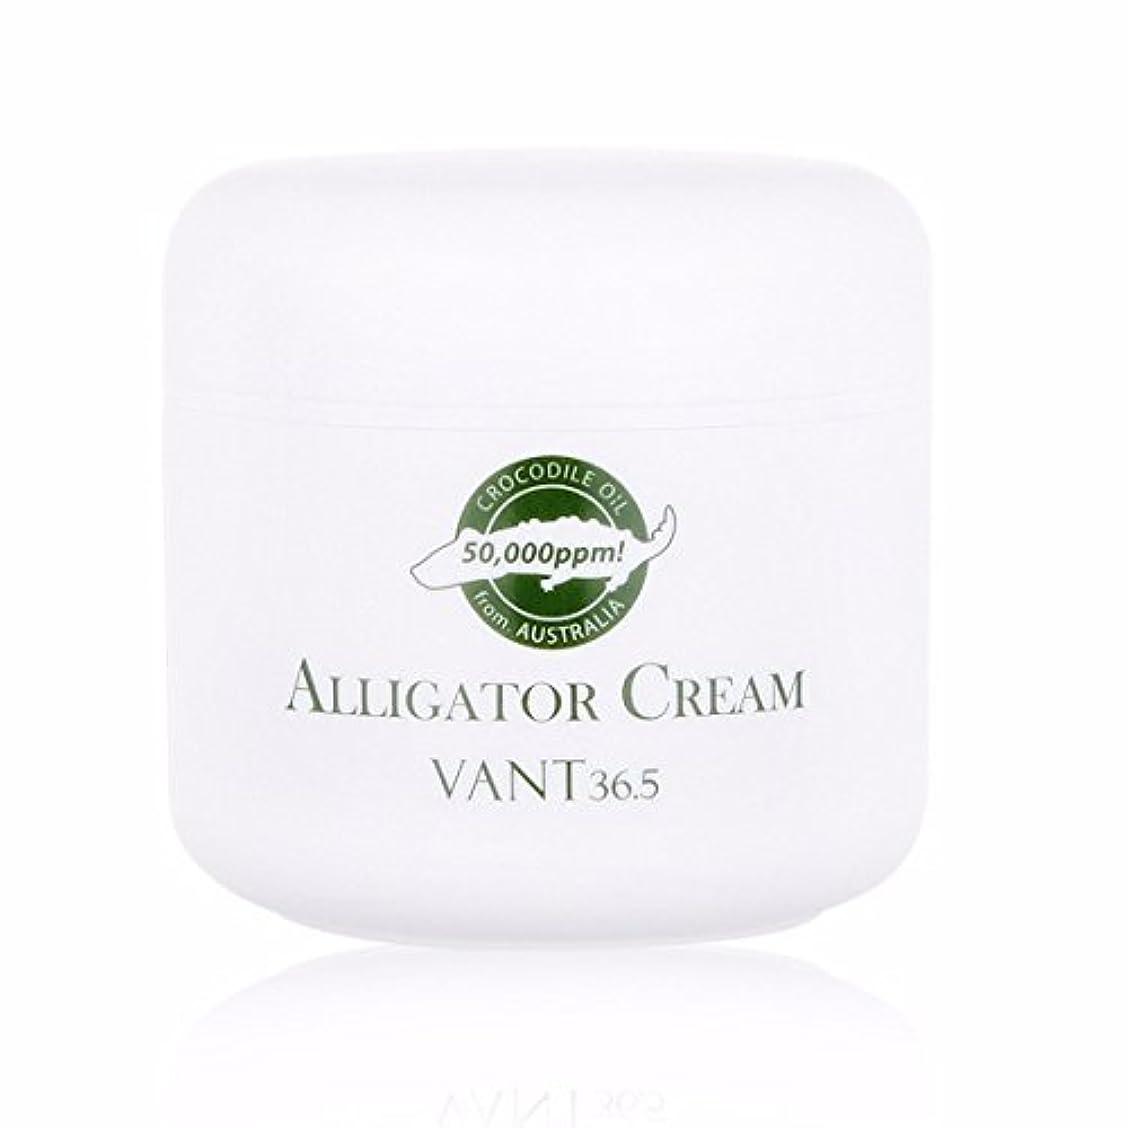 スポークスマン根拠印象的なバント36.5 ワニクリーム50ml[並行輸入品] / VANT 36.5 Alligator Cream 50ml (1.69fl.oz.) for Nourishing, Moisturizing cream